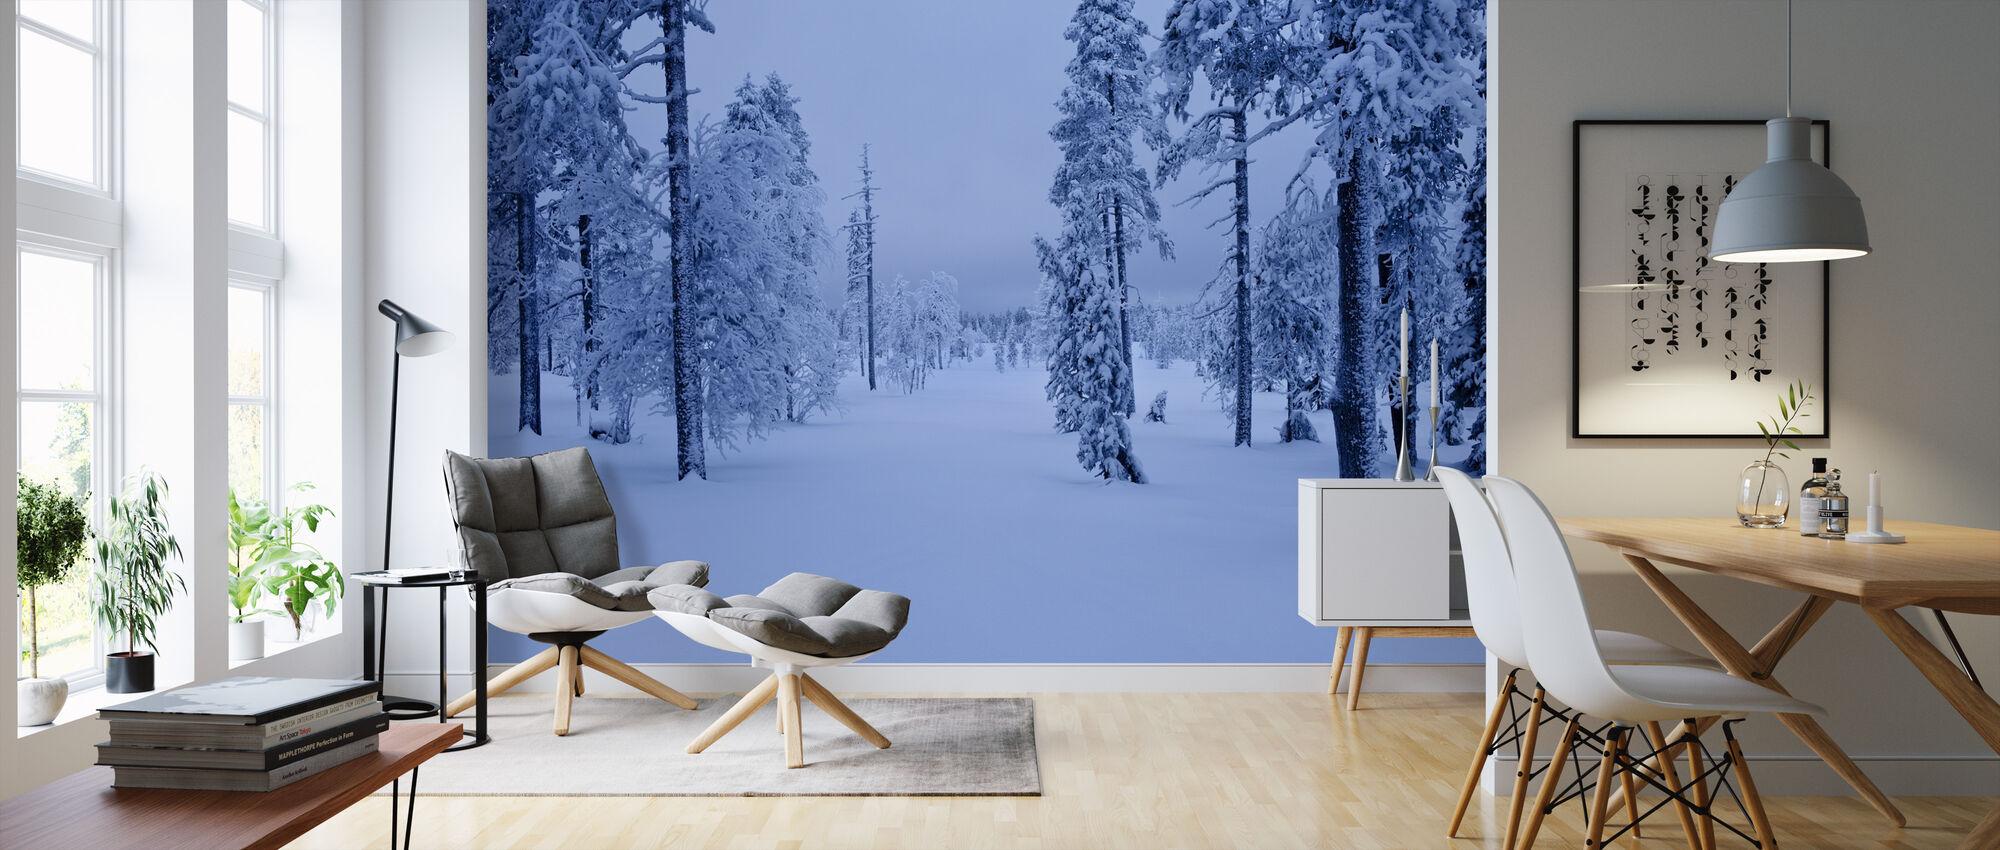 Sininen metsä Lapissa, Ruotsissa - Tapetti - Olohuone